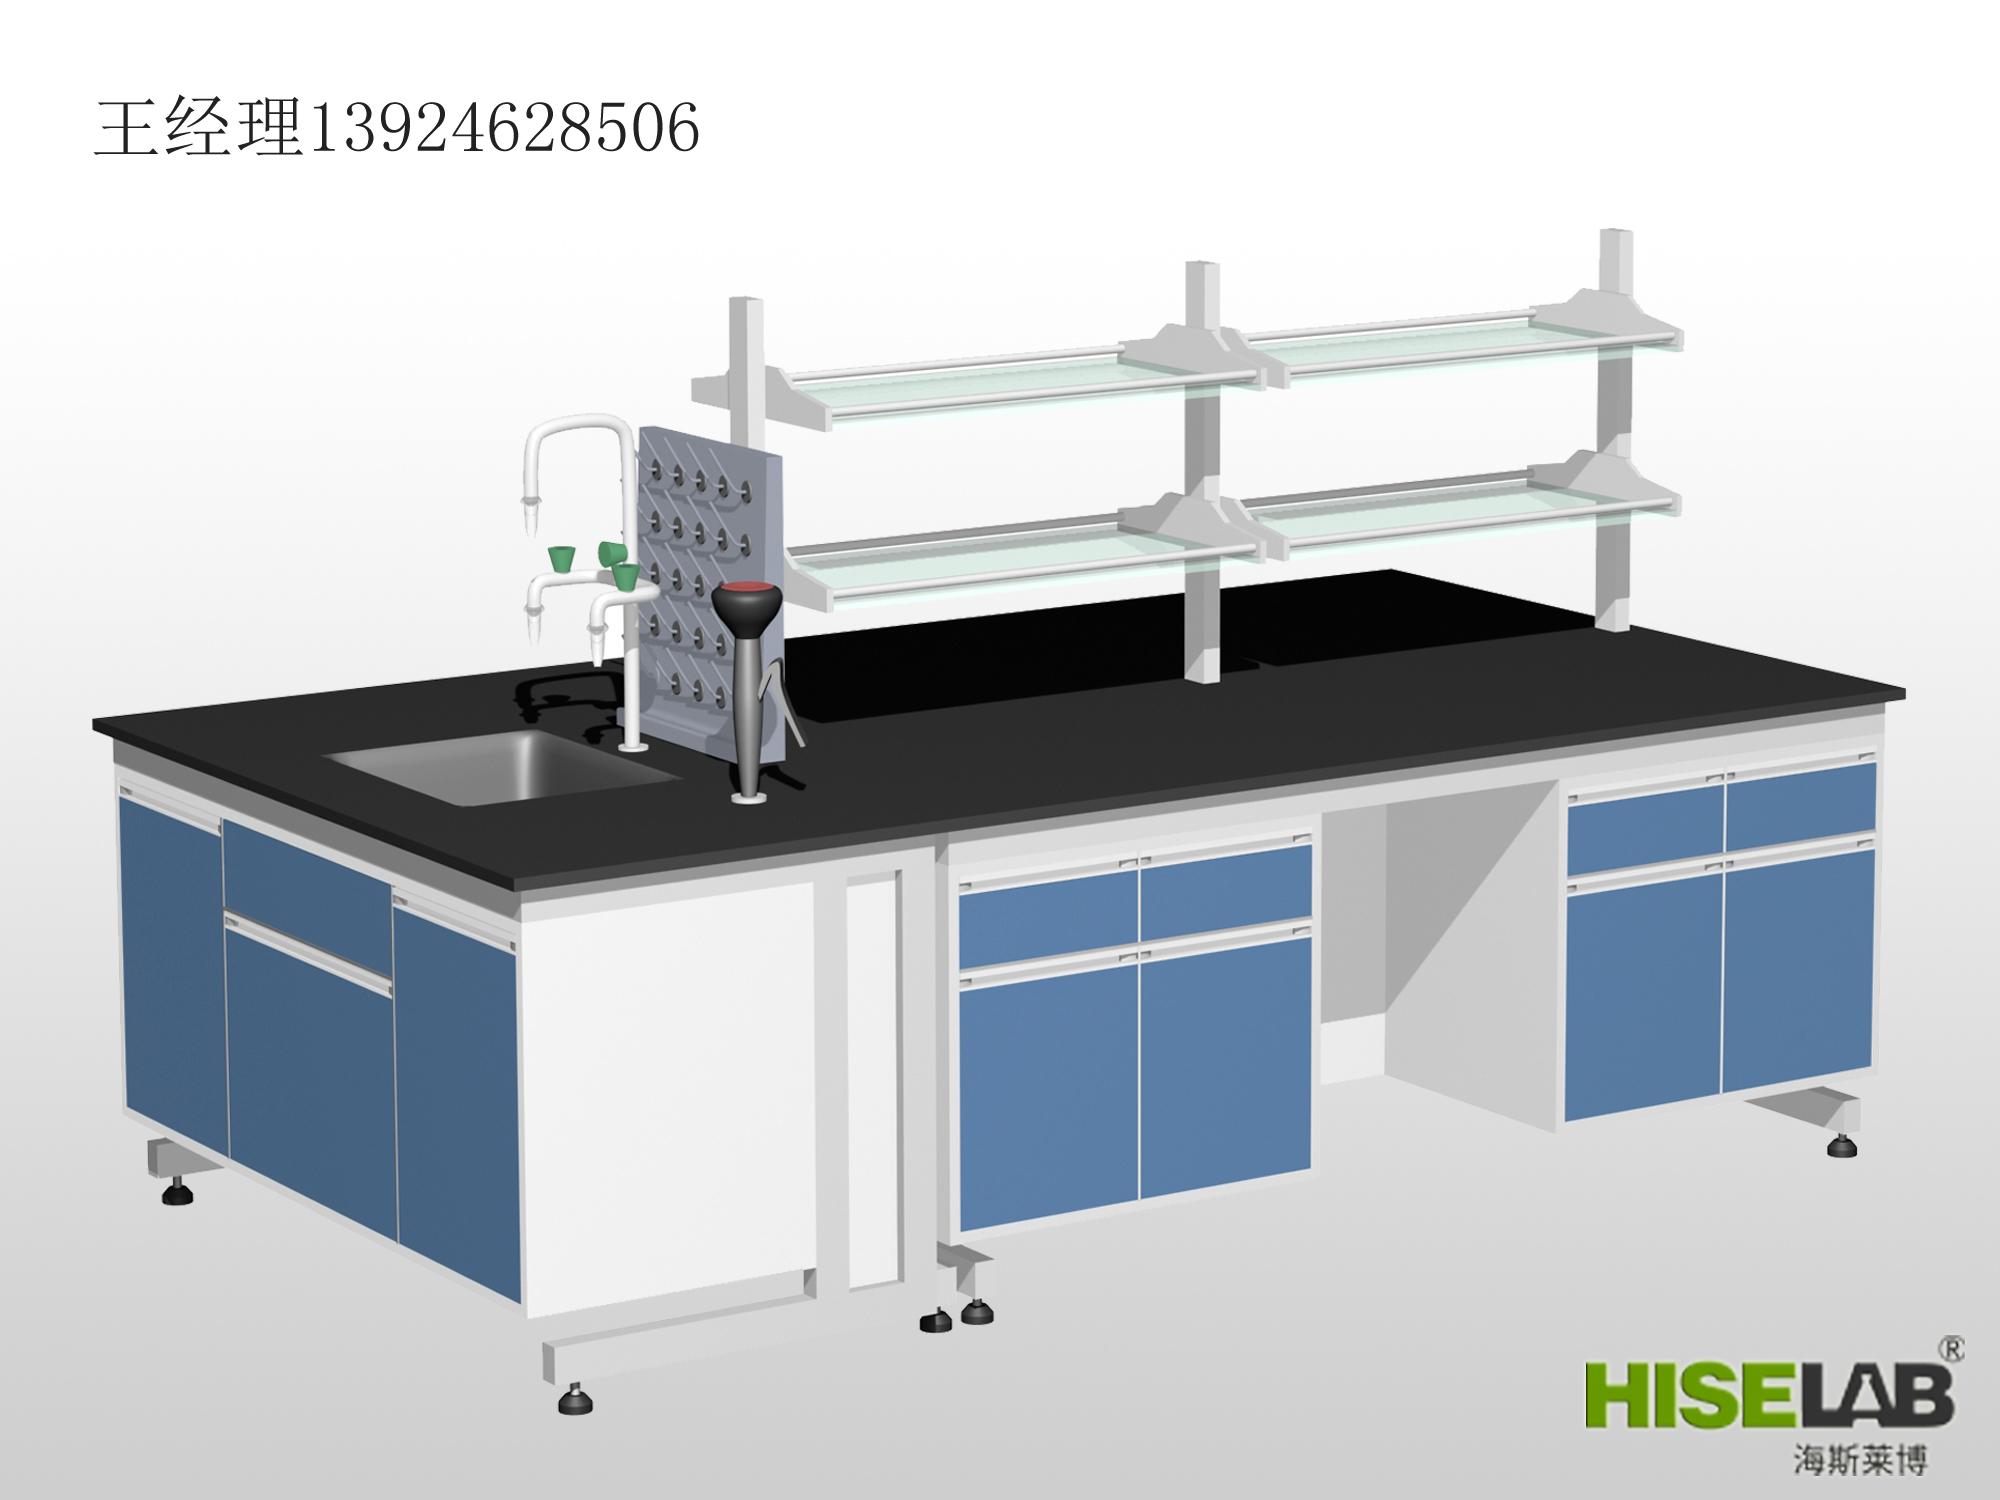 实验室中央台供应和安装,三经伟创实验室中央操作台